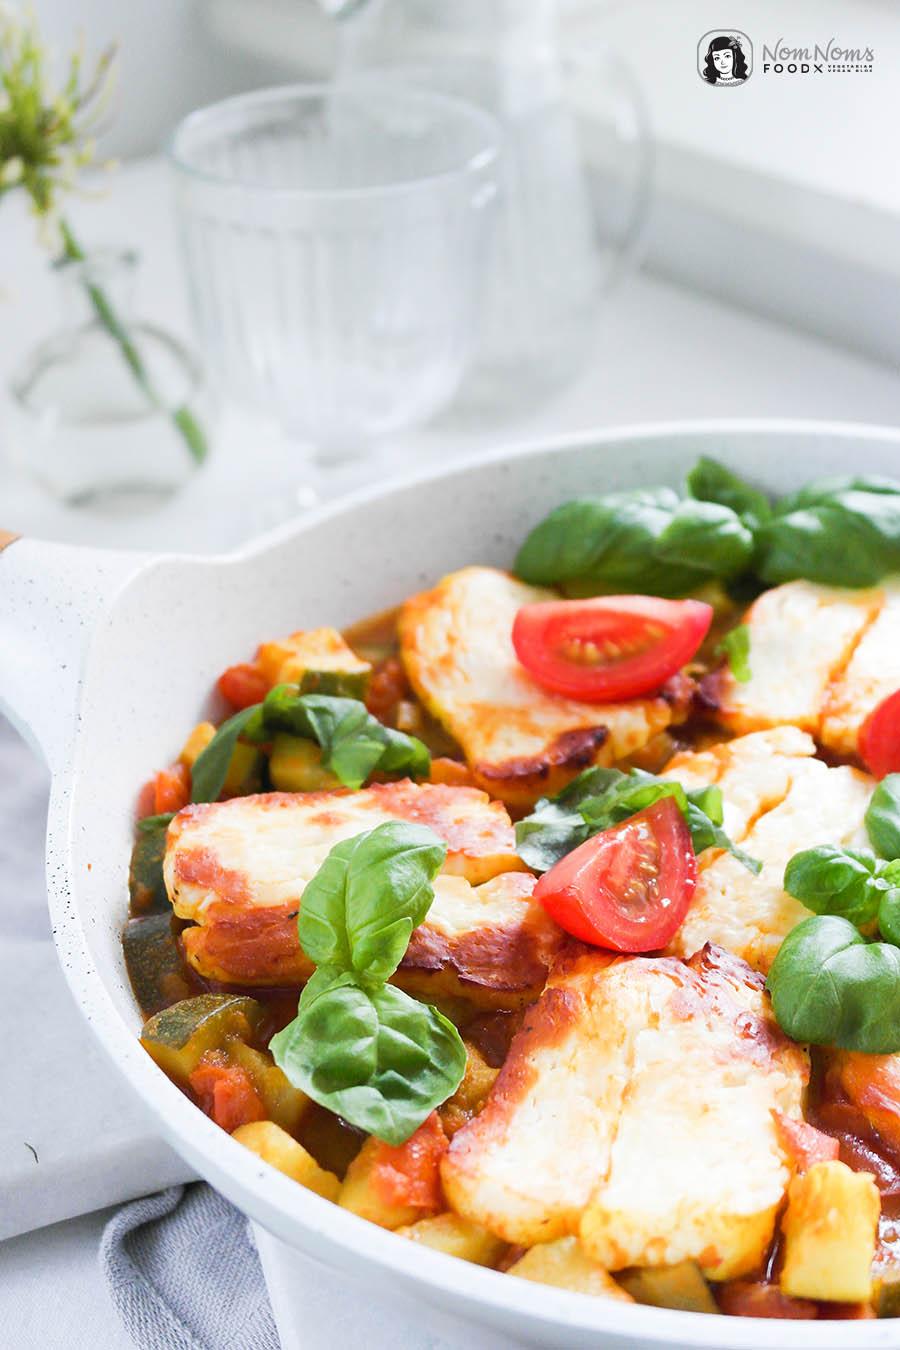 Orientalisch würziges Tomaten-Zucchini-Gemüse mit gebackenem Halloumi